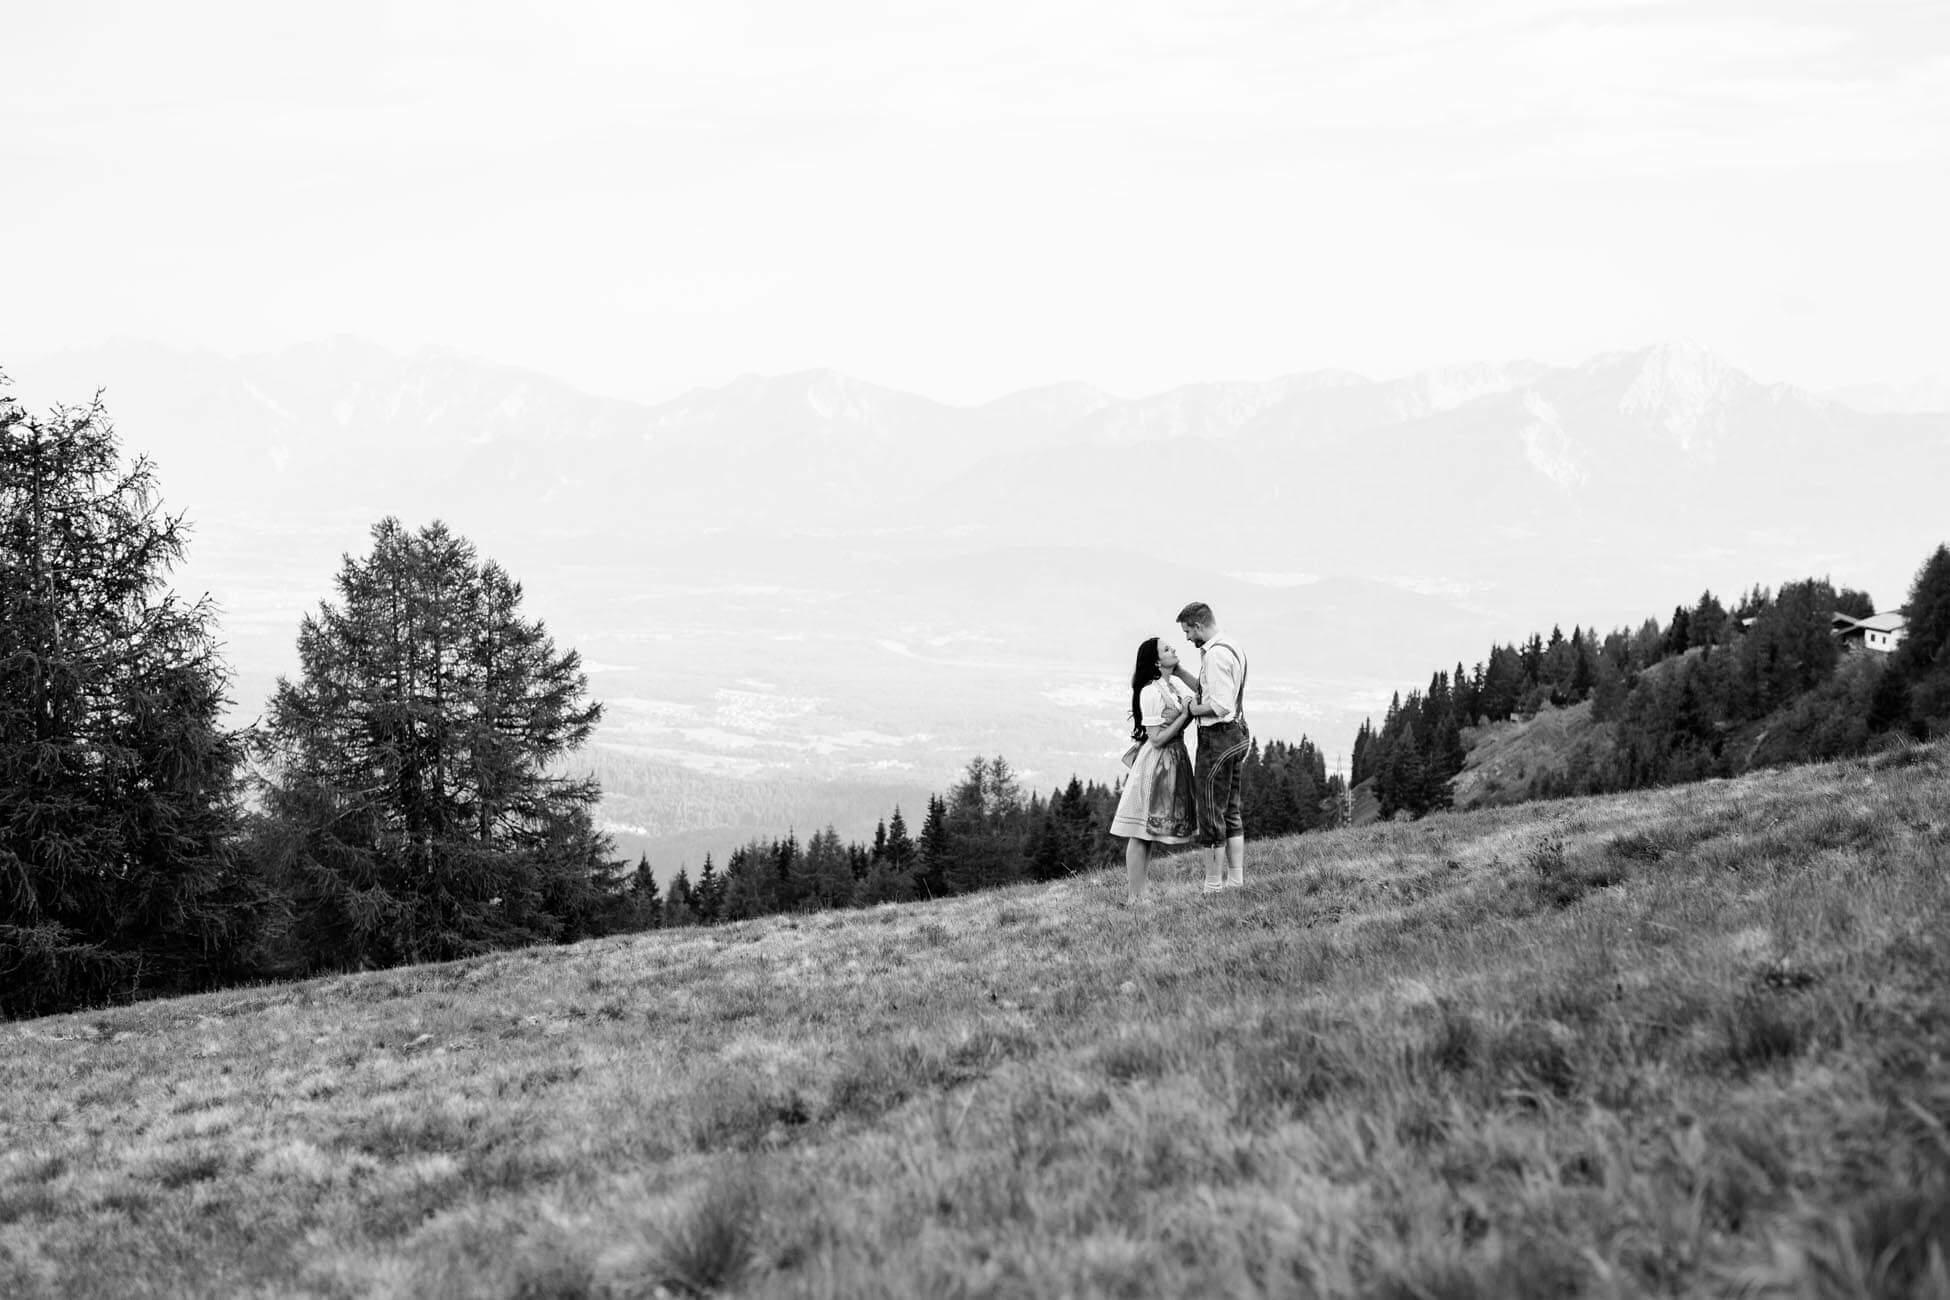 Pärchen Shooting auf der Alm, Paar Shooting am Berg in Dirndl und Lederhosen am Feuerberg auf Gerlitzen in Kärnten. Österreich (1 (1)